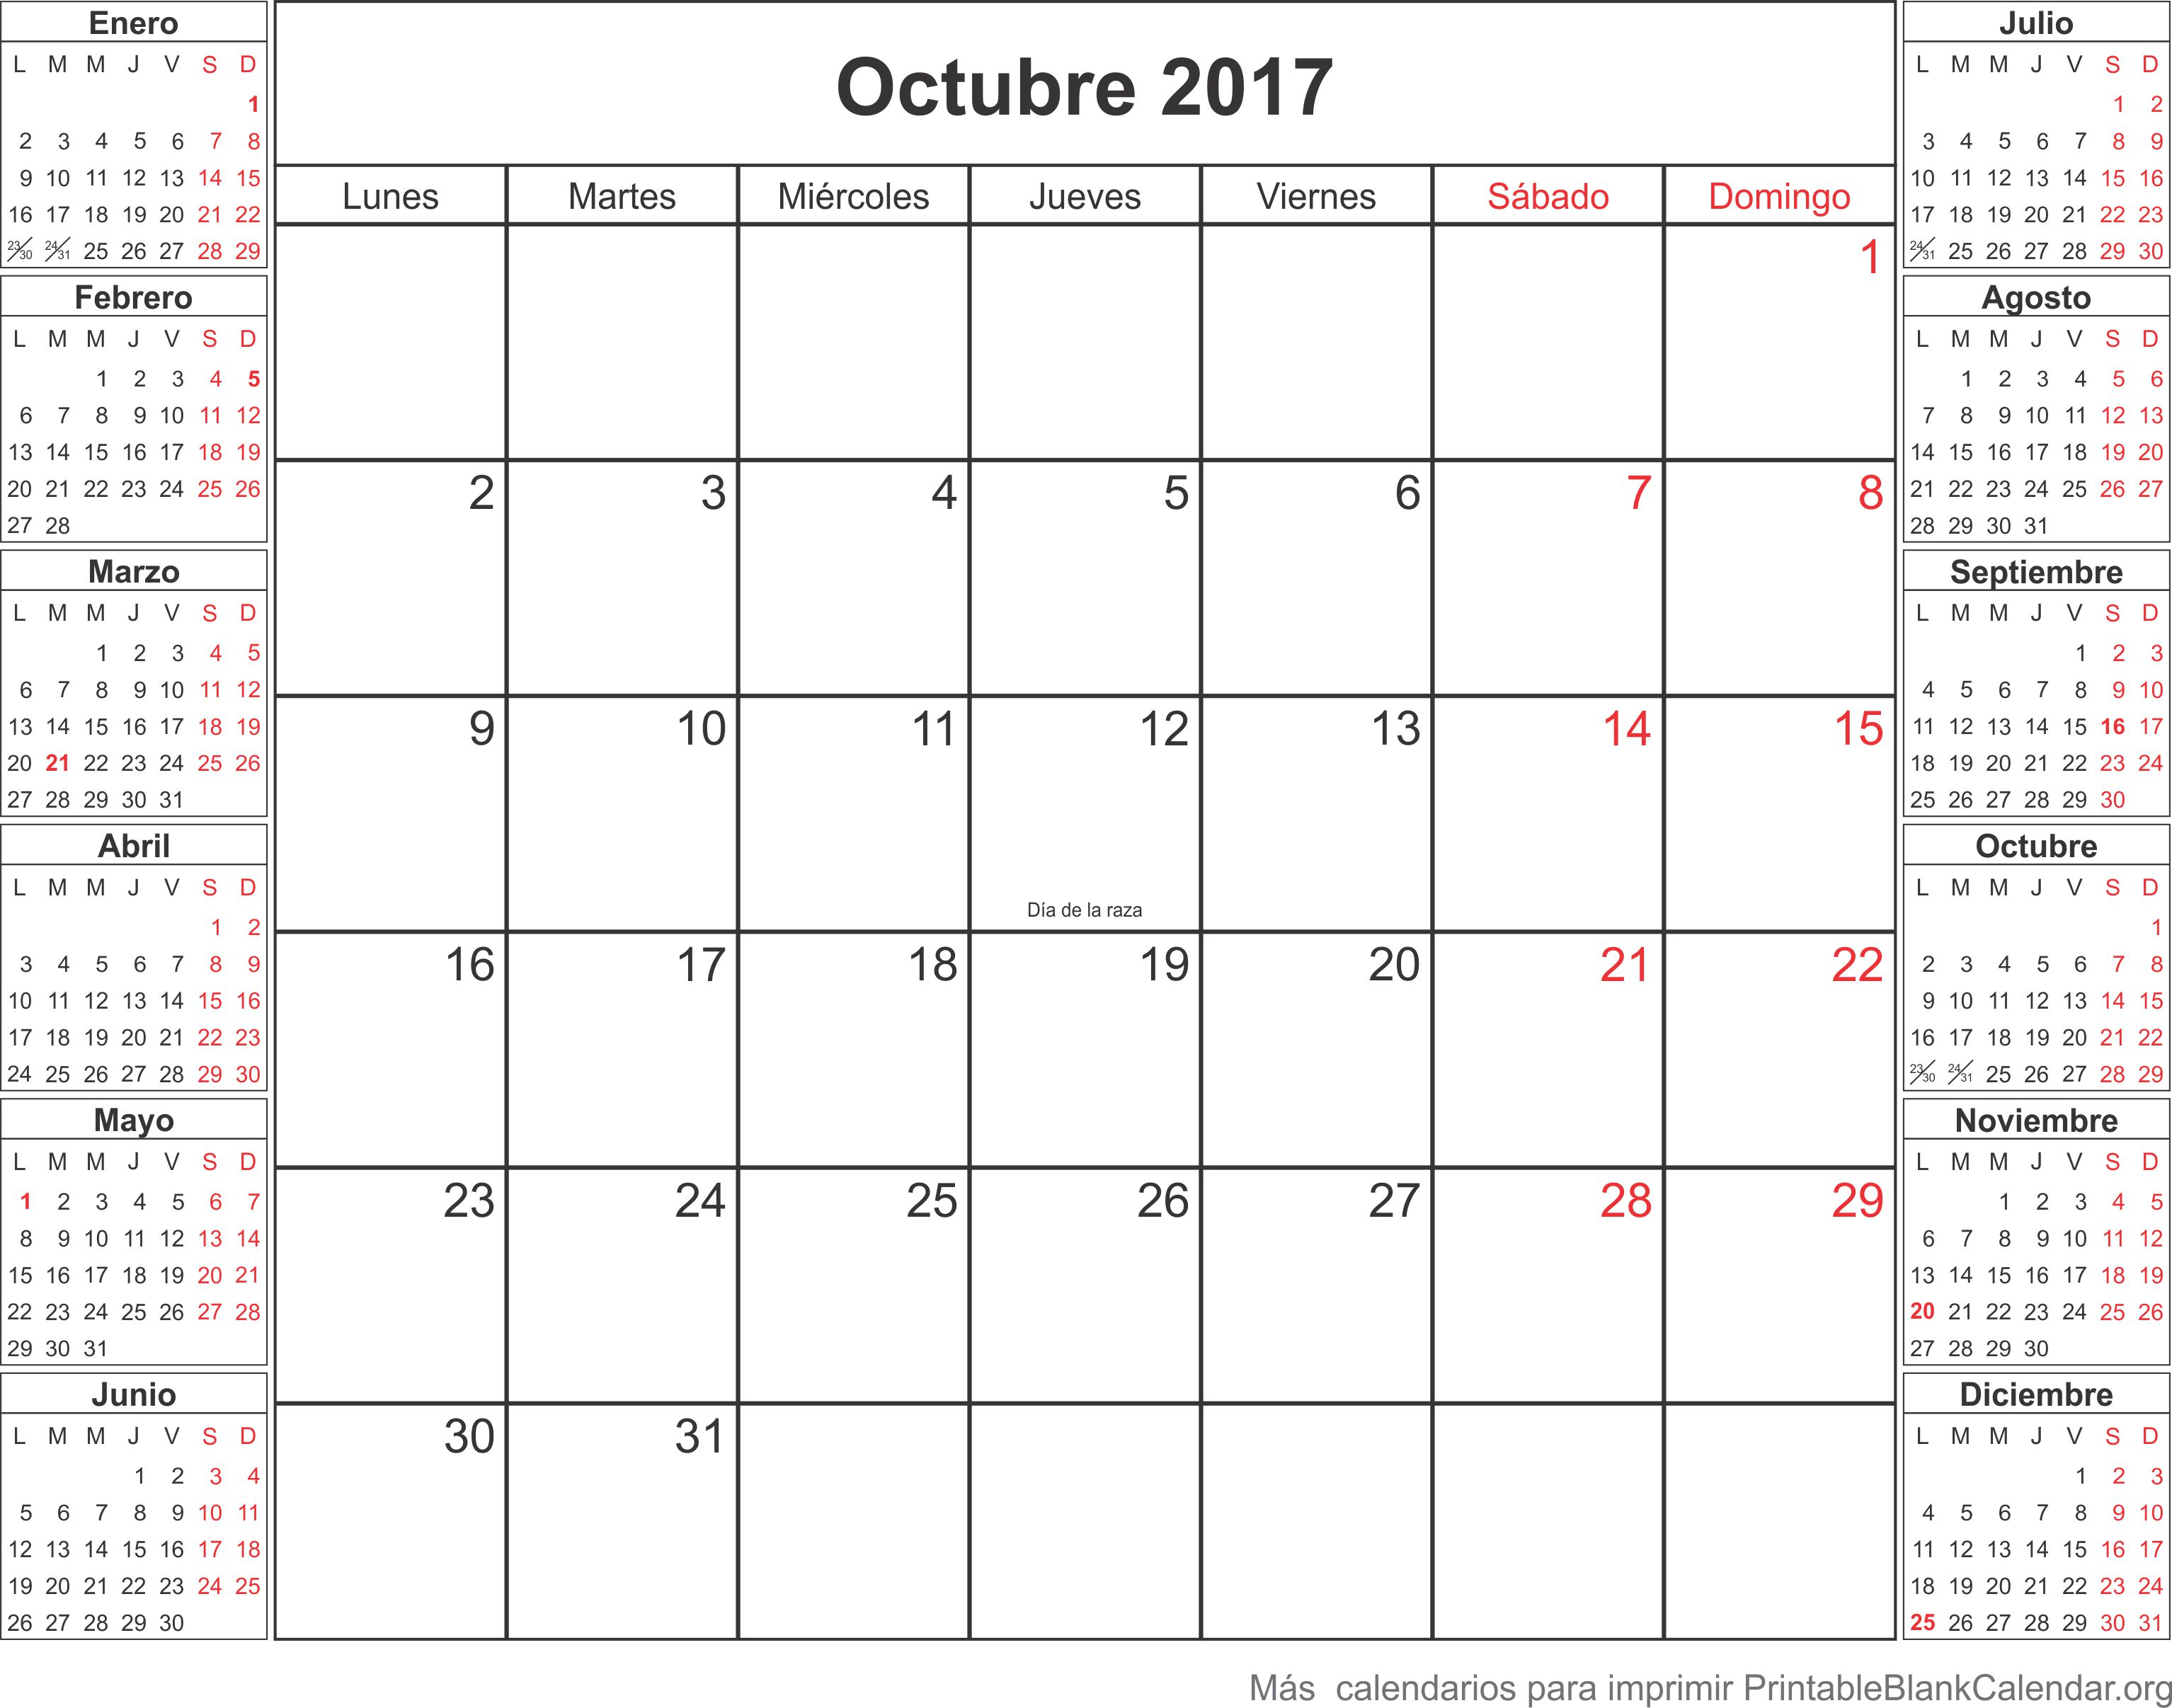 imprimir calendario octubre 2017